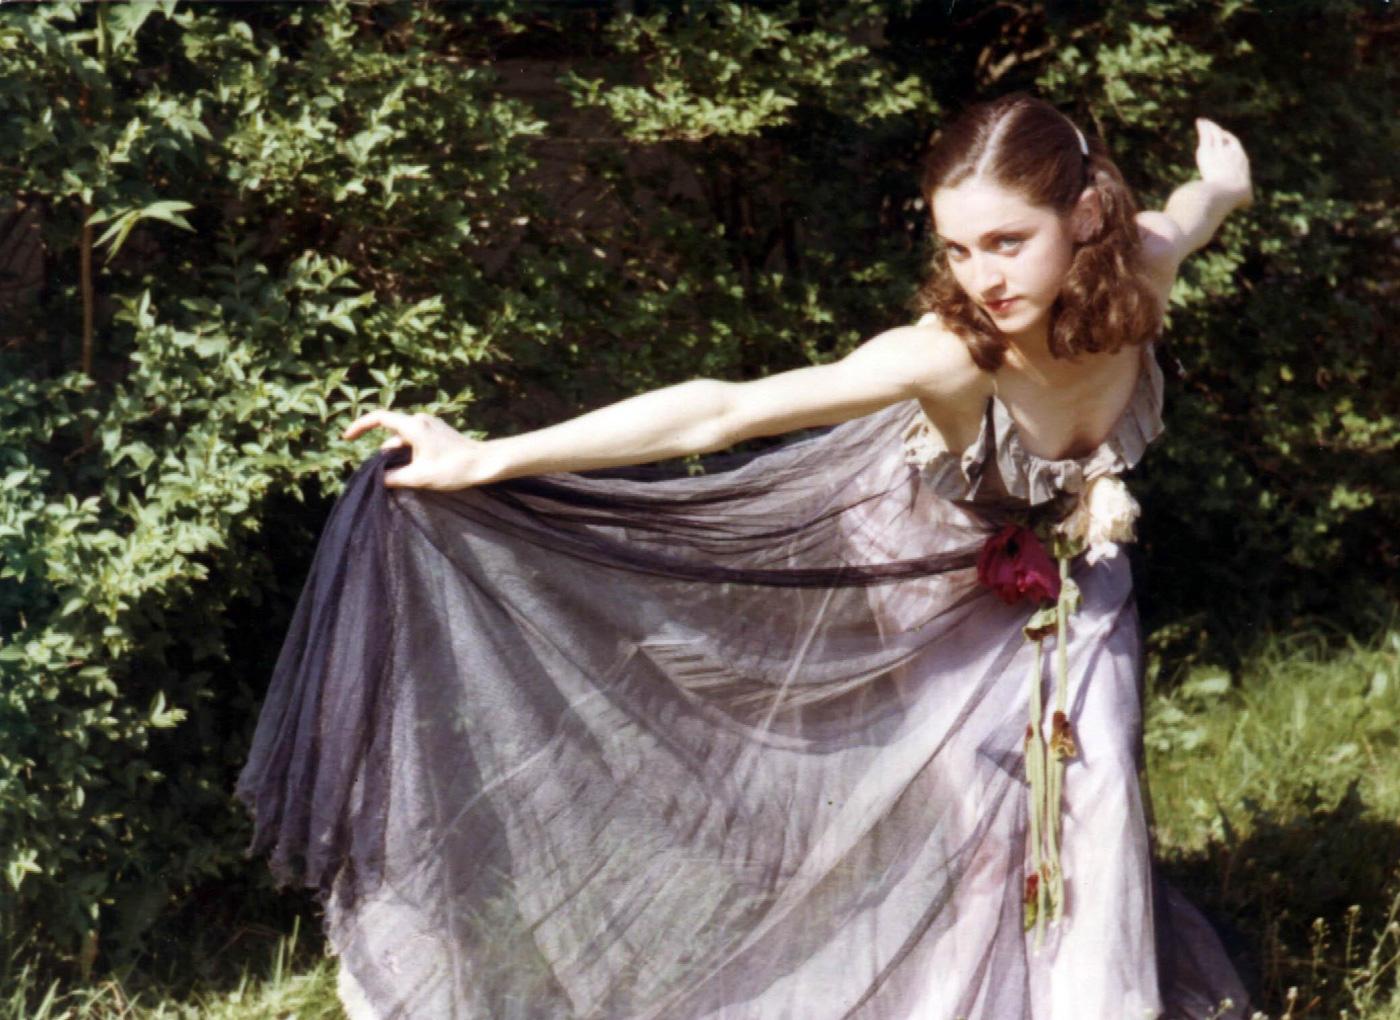 Мадонна, фото из выпускного альбома, 1973 год